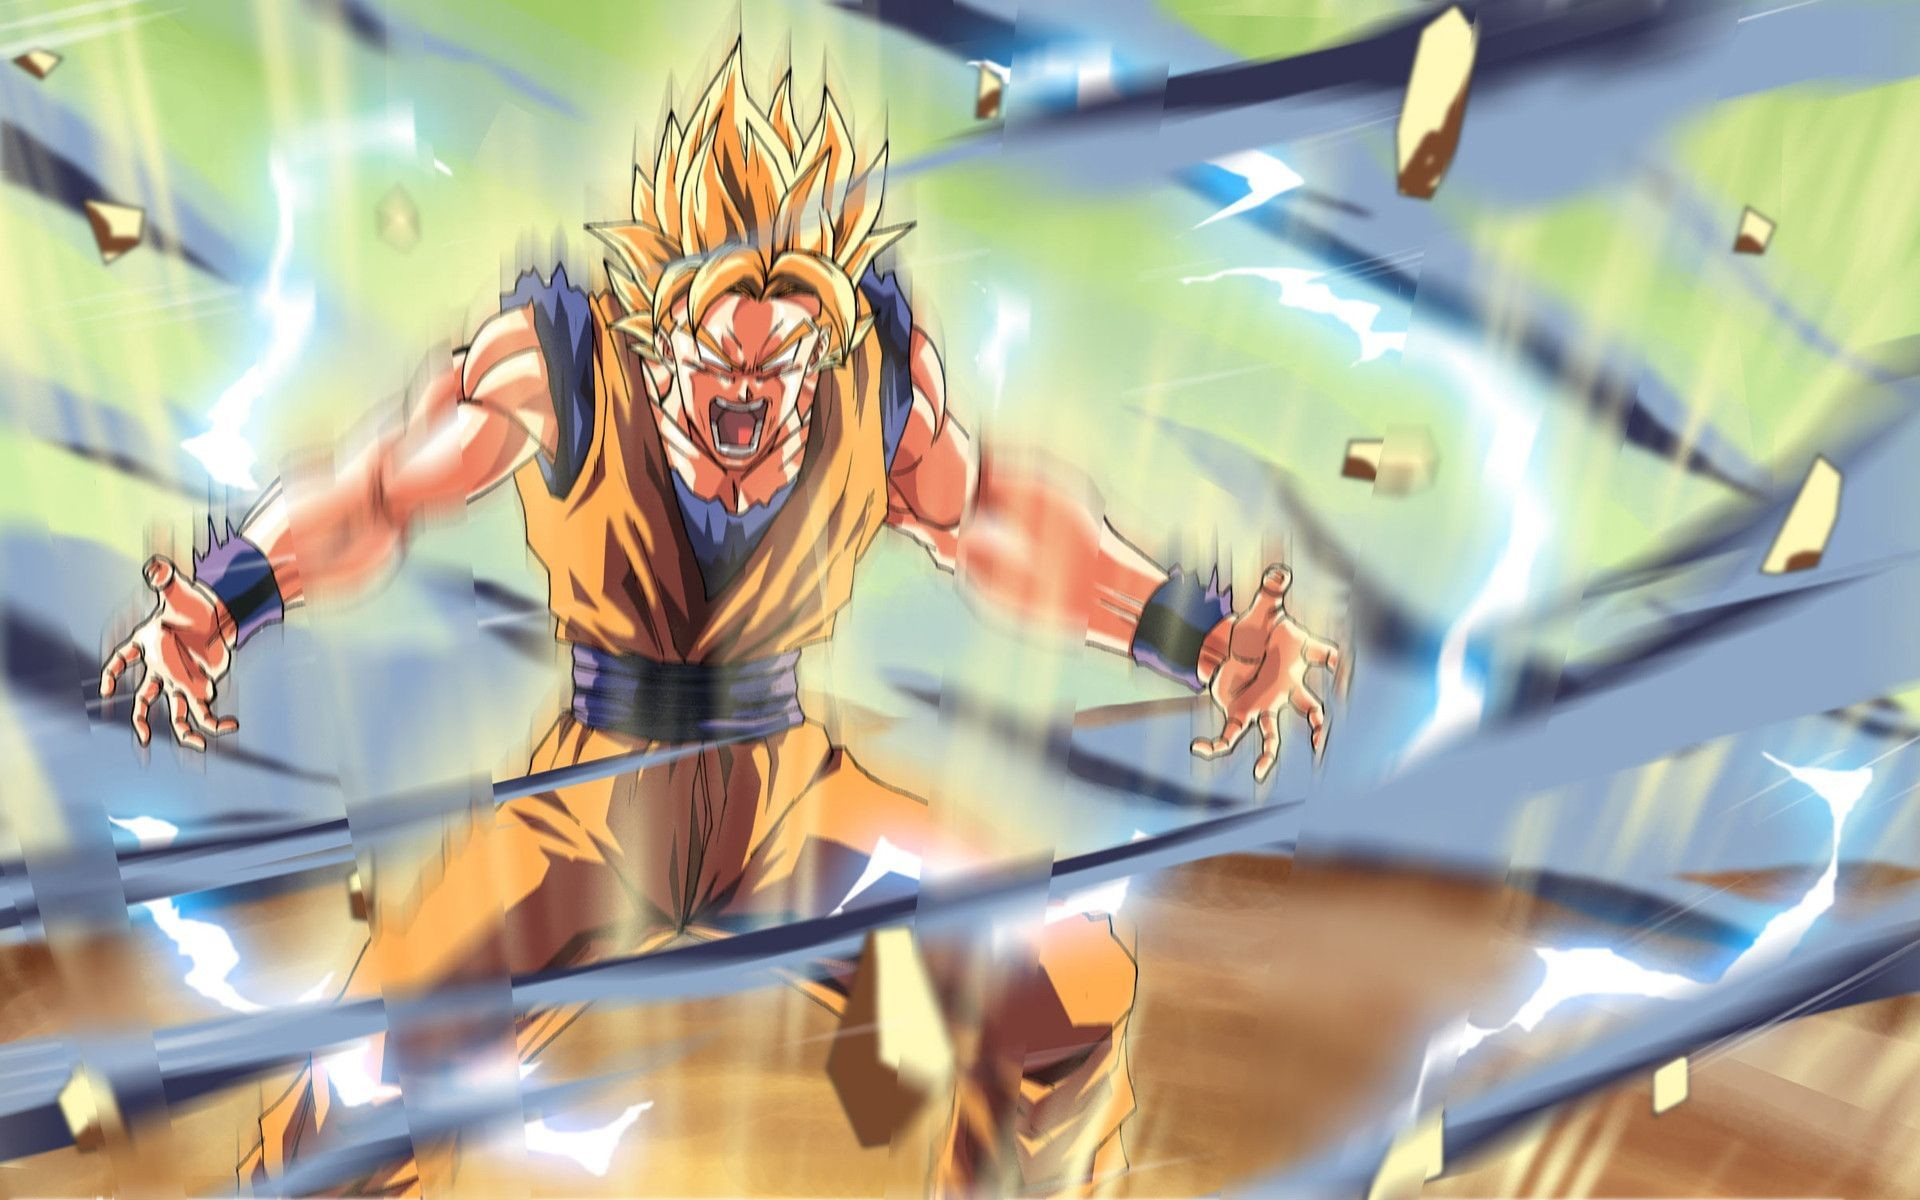 Dragon Ball Z Goku Wallpapers High Resolution : Anime Wallpaper 1920×1200 Dragonball  Z Wallpaper